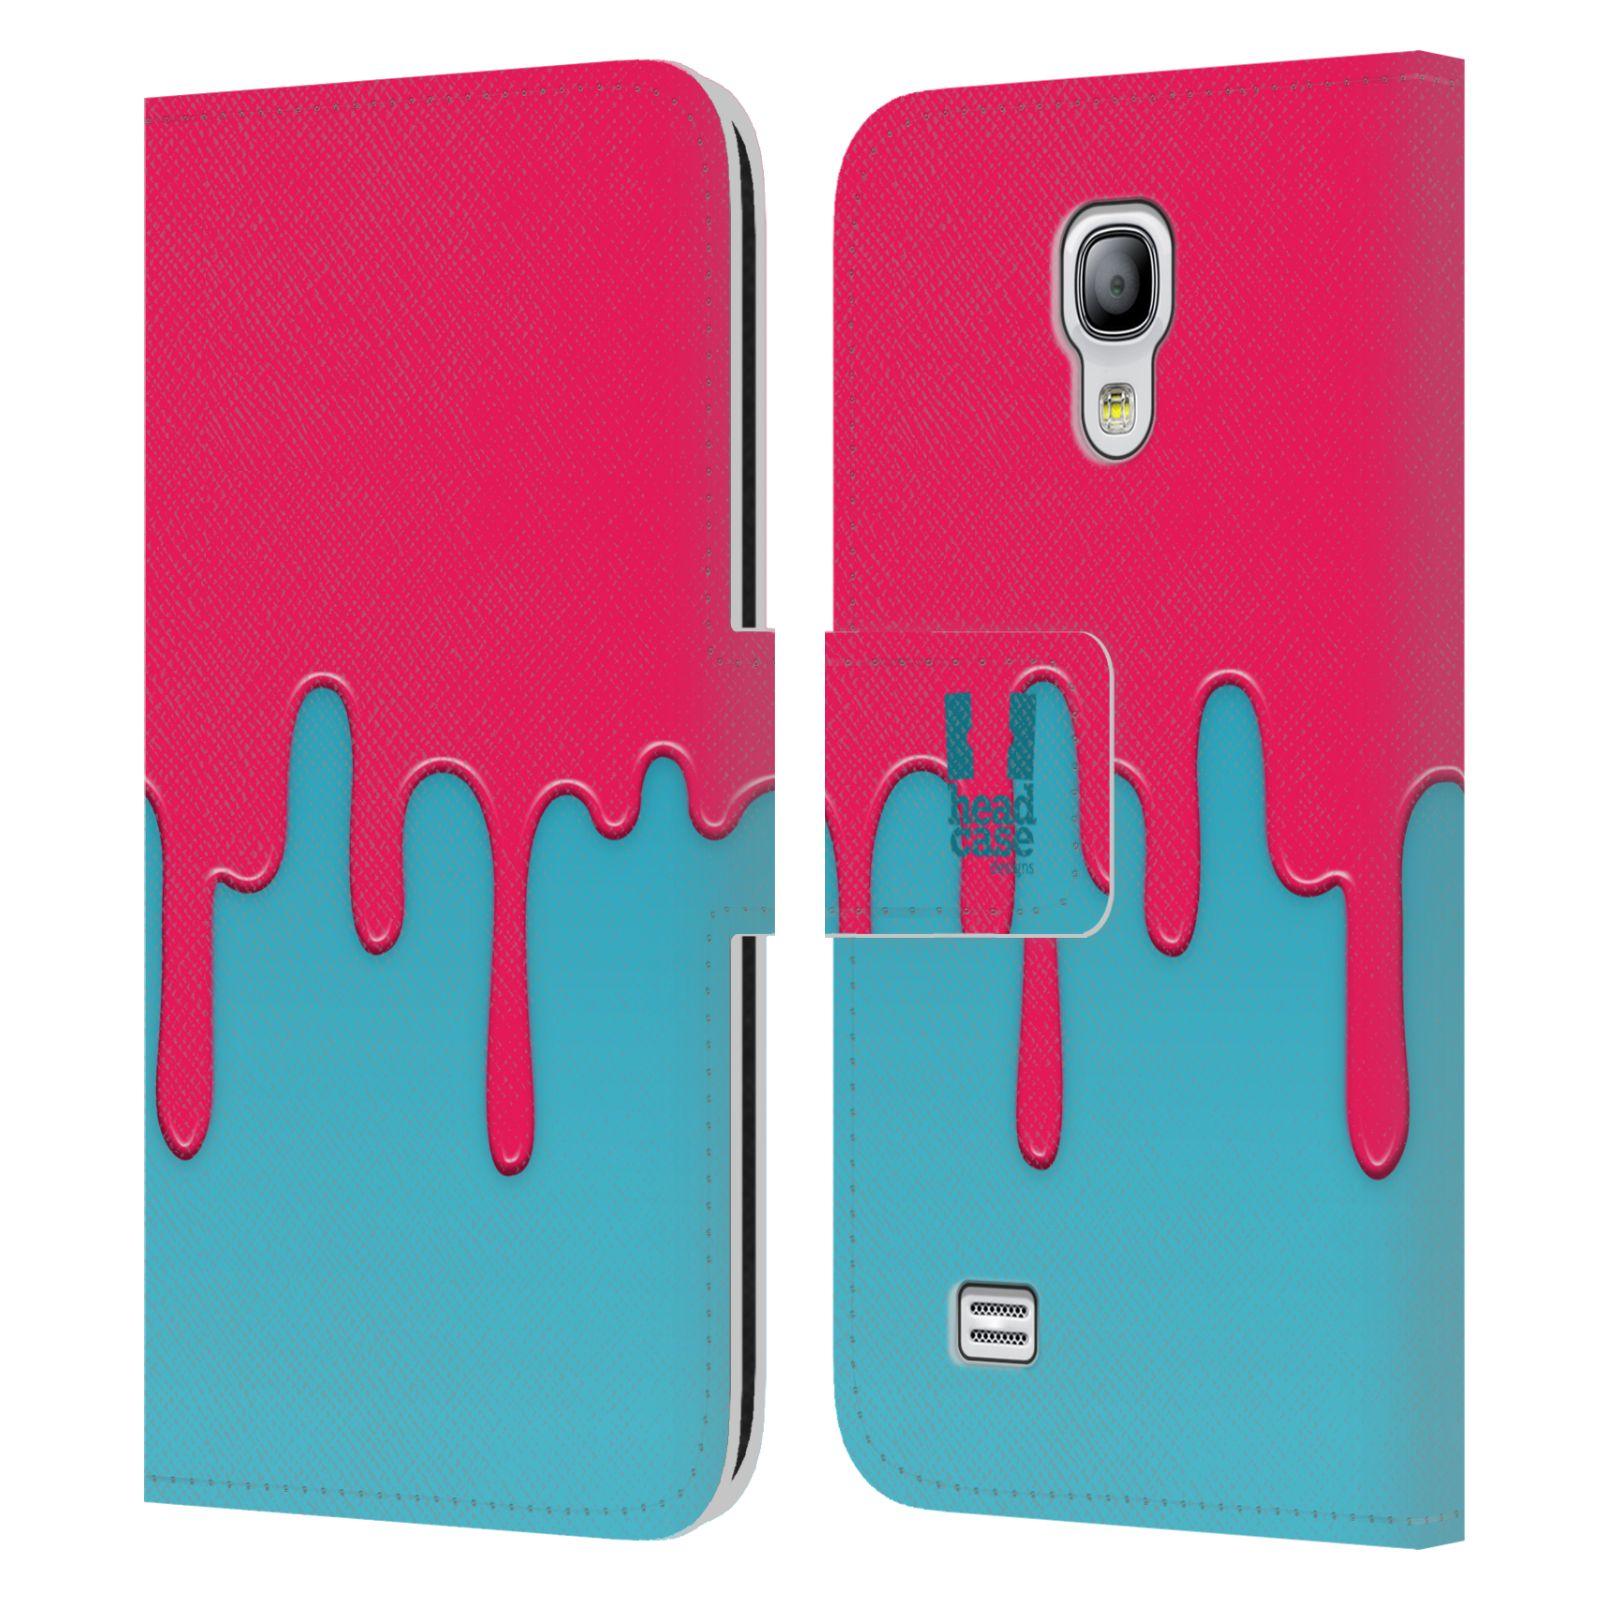 HEAD CASE Flipové pouzdro pro mobil Samsung Galaxy S4 MINI / S4 MINI DUOS Rozlitá barva růžová a modrá